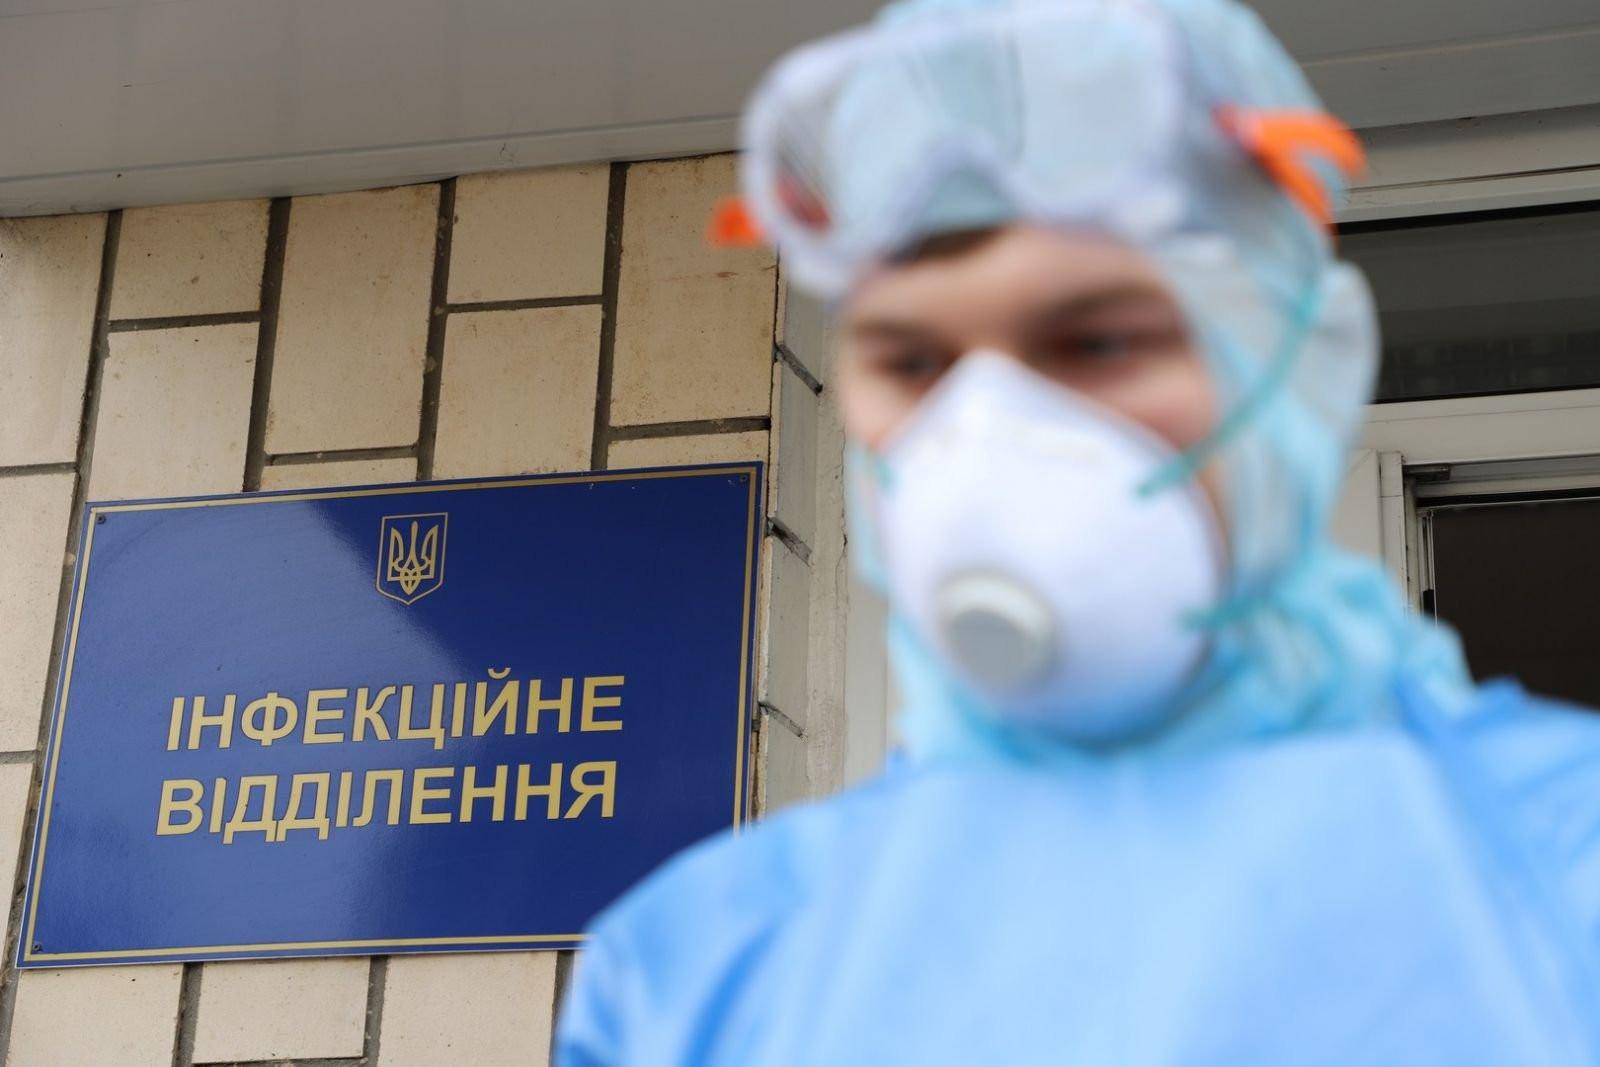 Ситуация с коронавирусом в одной из ОТГ Херсонщины вызвала беспокойство СНБО